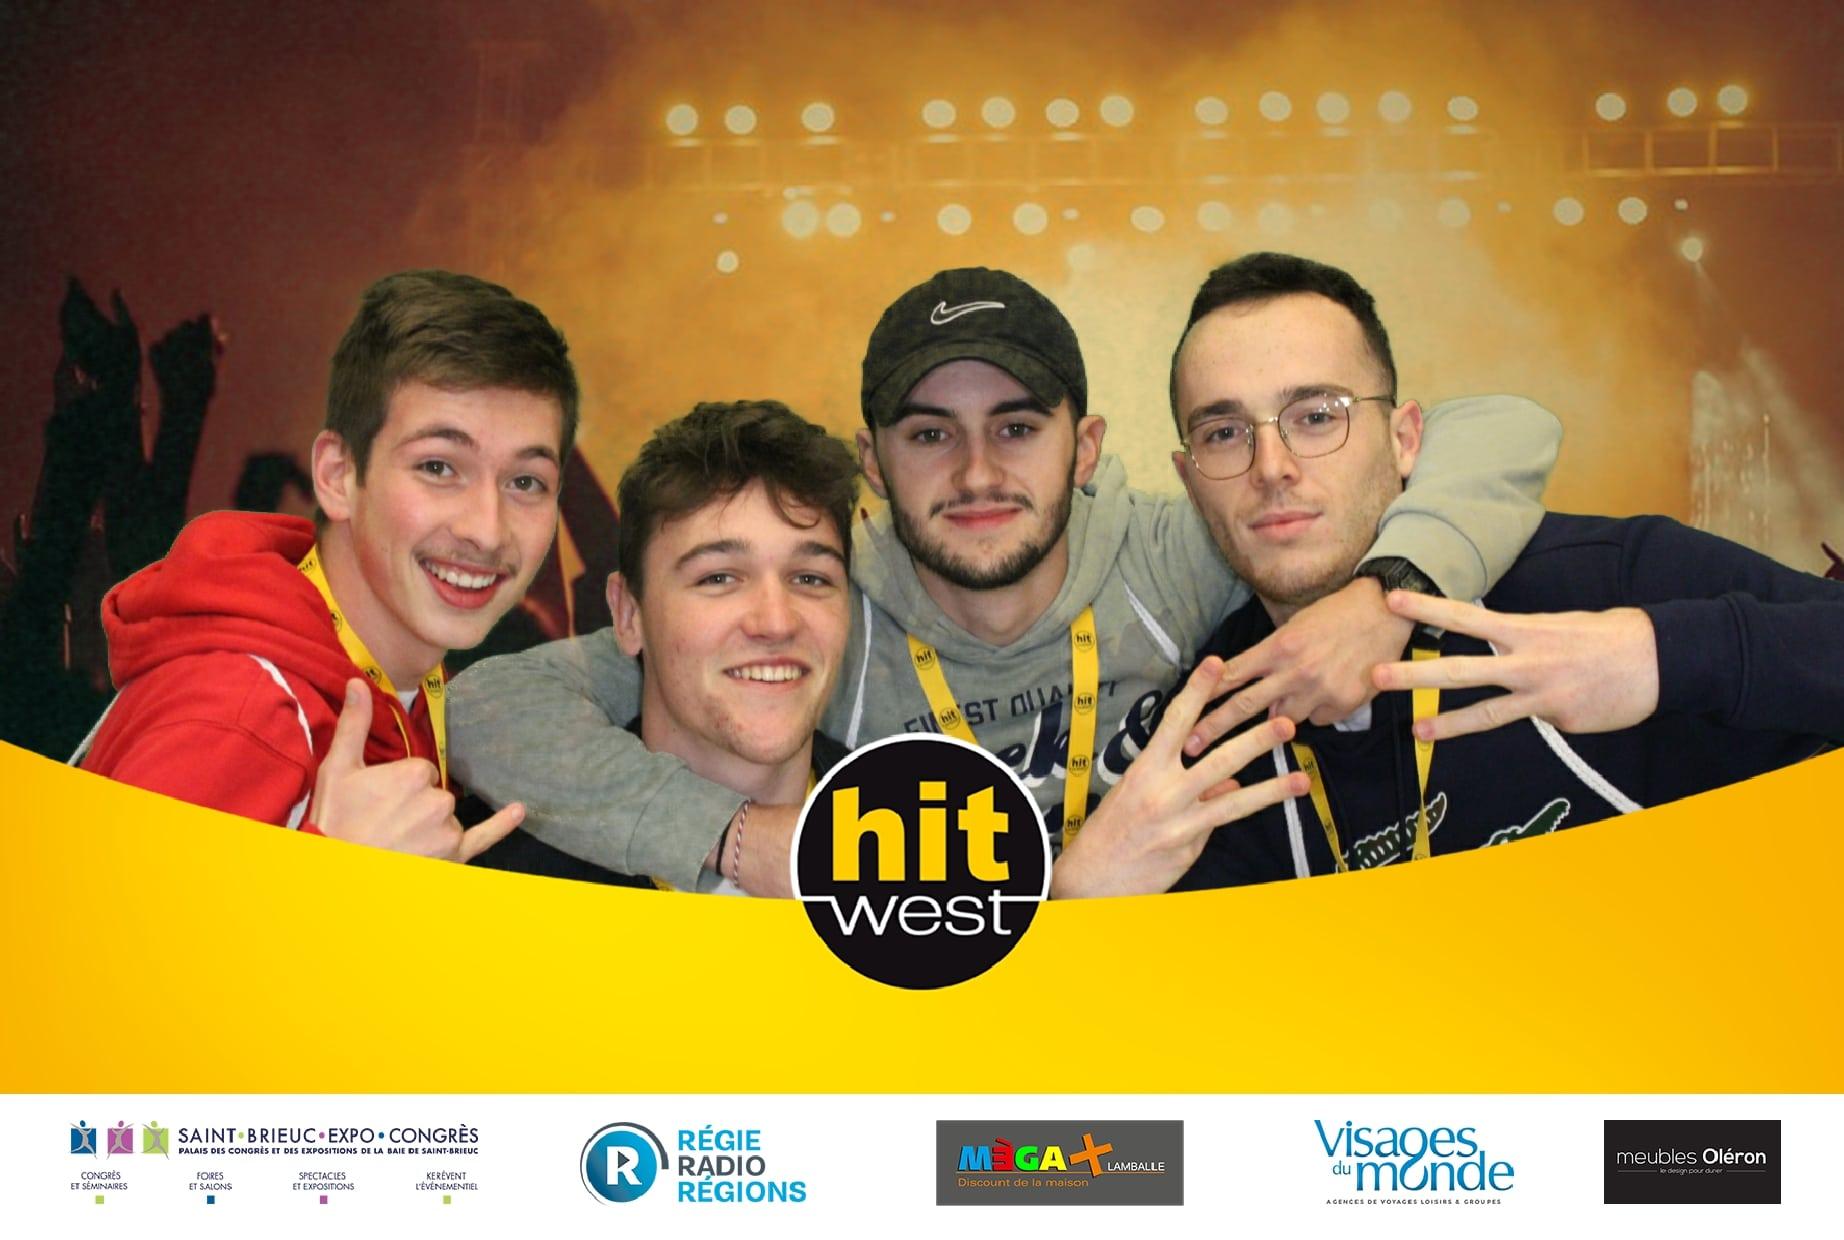 Selfie personnalisé avec animation fond vert et photobooth au concert Hit West 2019 au Palais des Congrès et des Expositions à Saint Brieuc